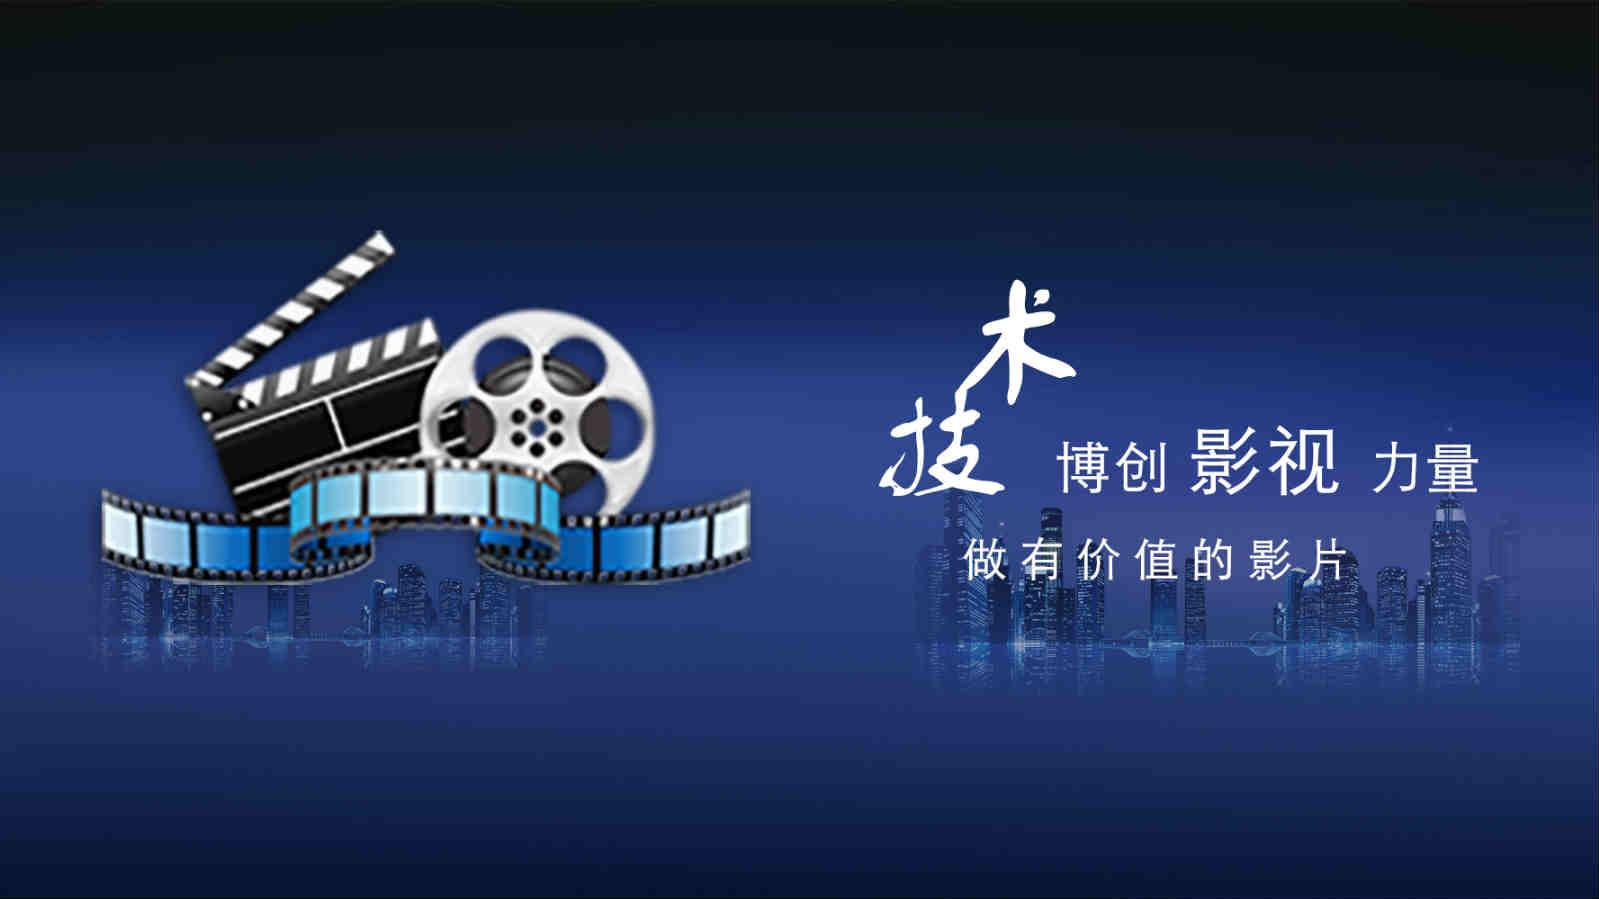 上海市抢手的知名影视公司哪里有销售